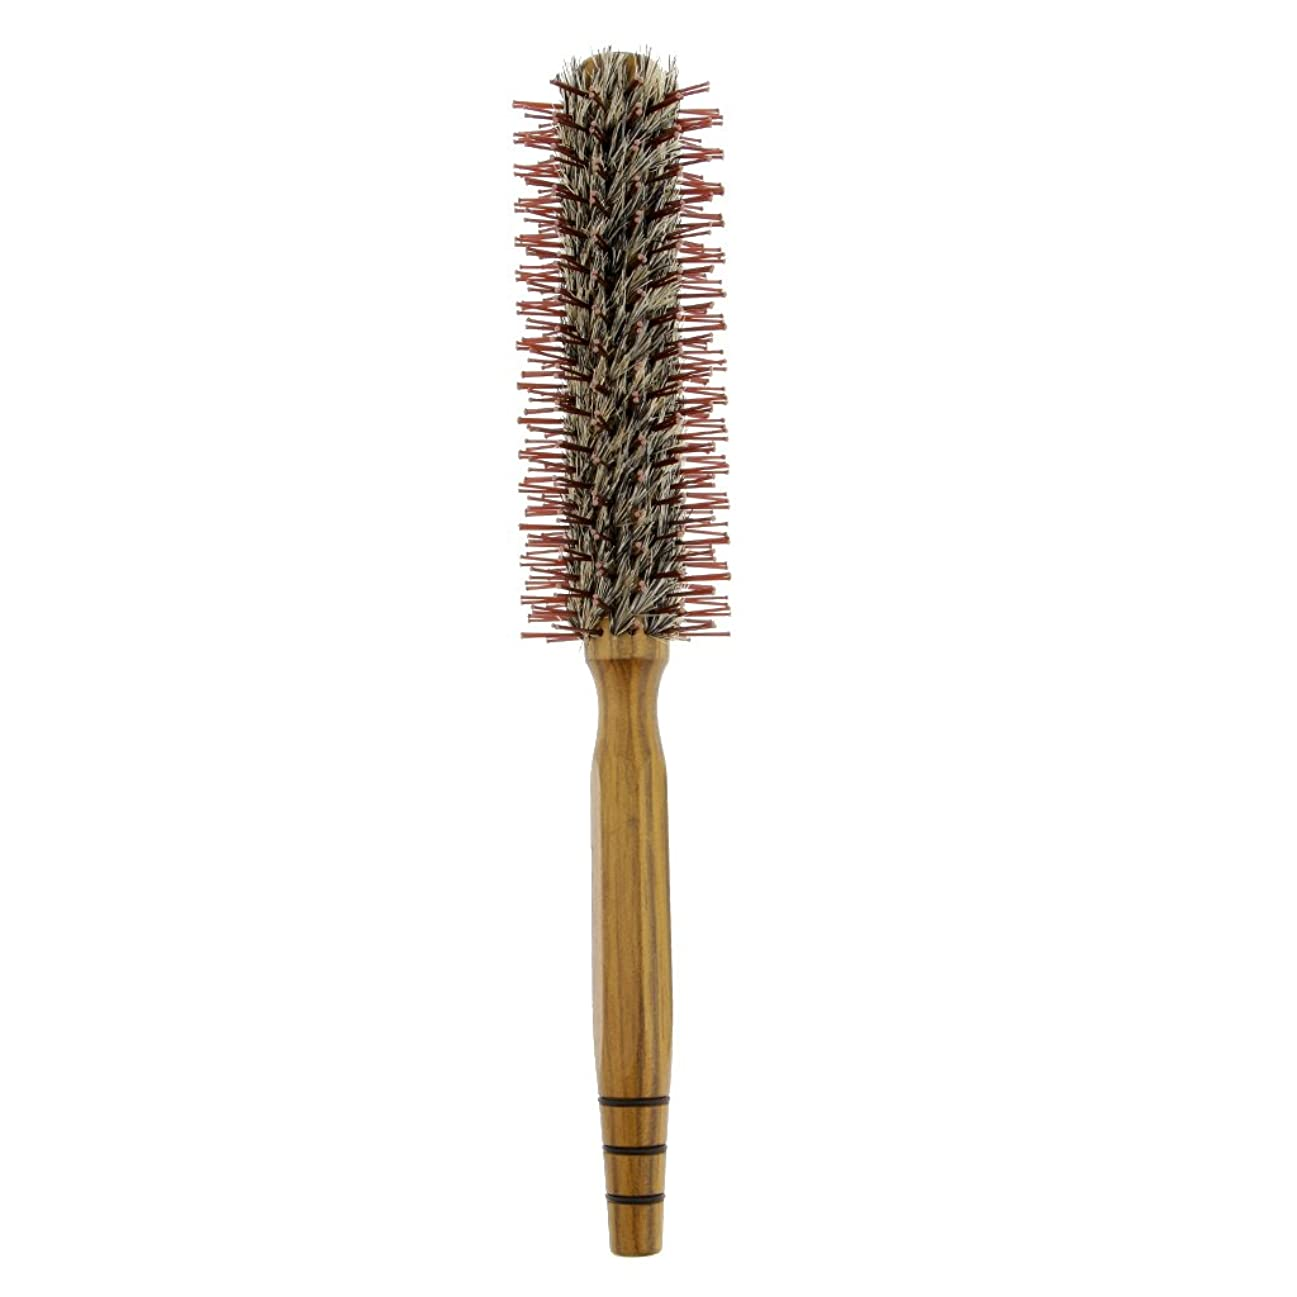 夢モールスキーCUTICATE ロールブラシ ヘアコーム 木製櫛 家庭用 サロン 美容師 3サイズ - M